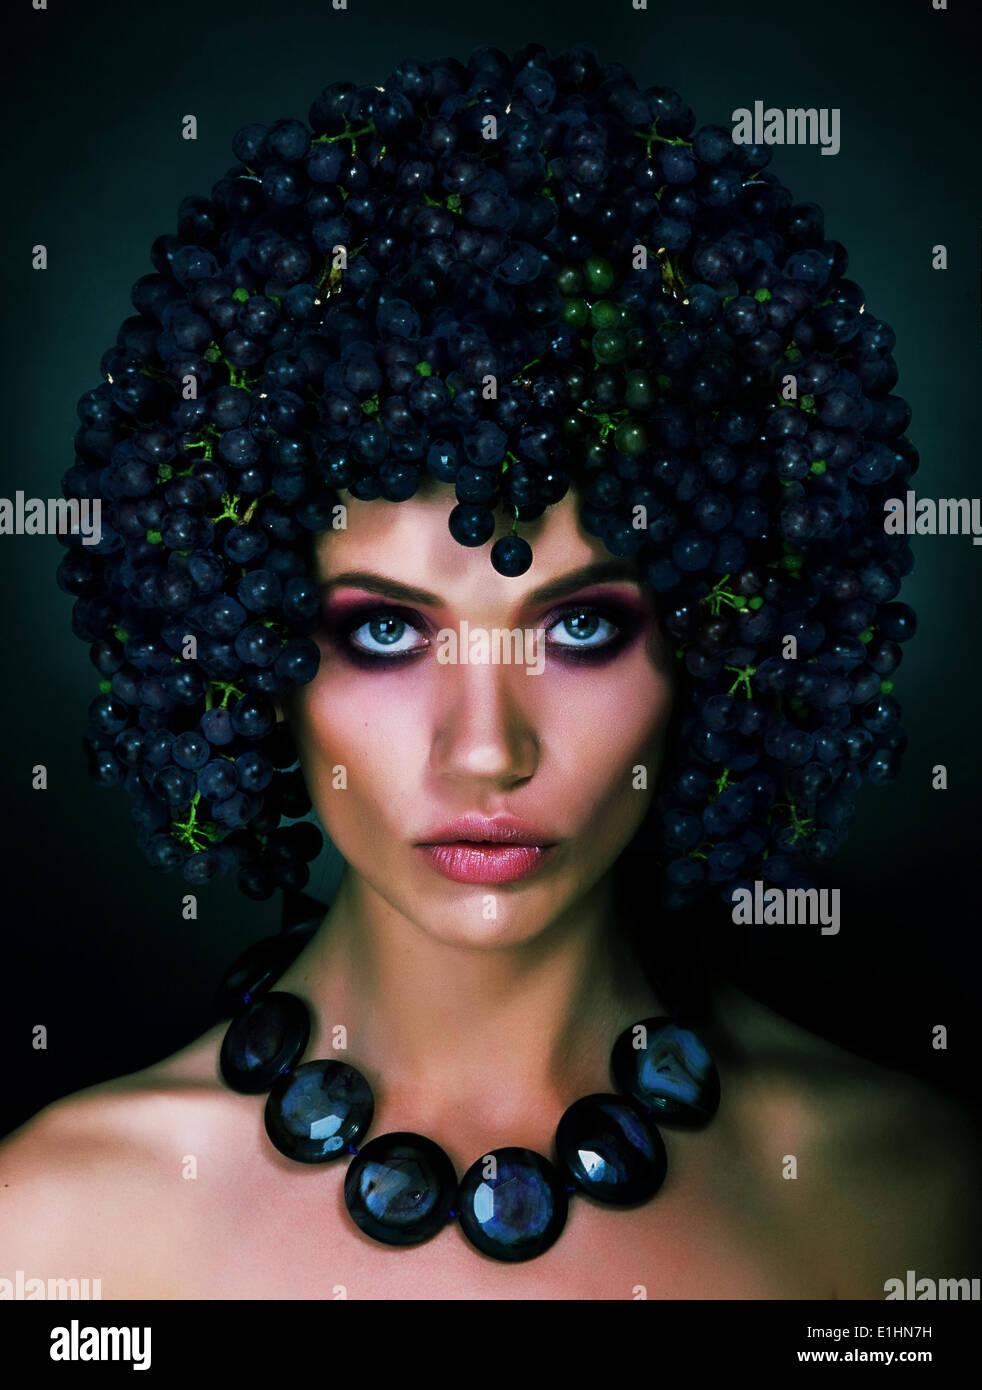 Portrait de femme de l'automne avec des raisins sur sa tête. Trendy hairstyle Photo Stock